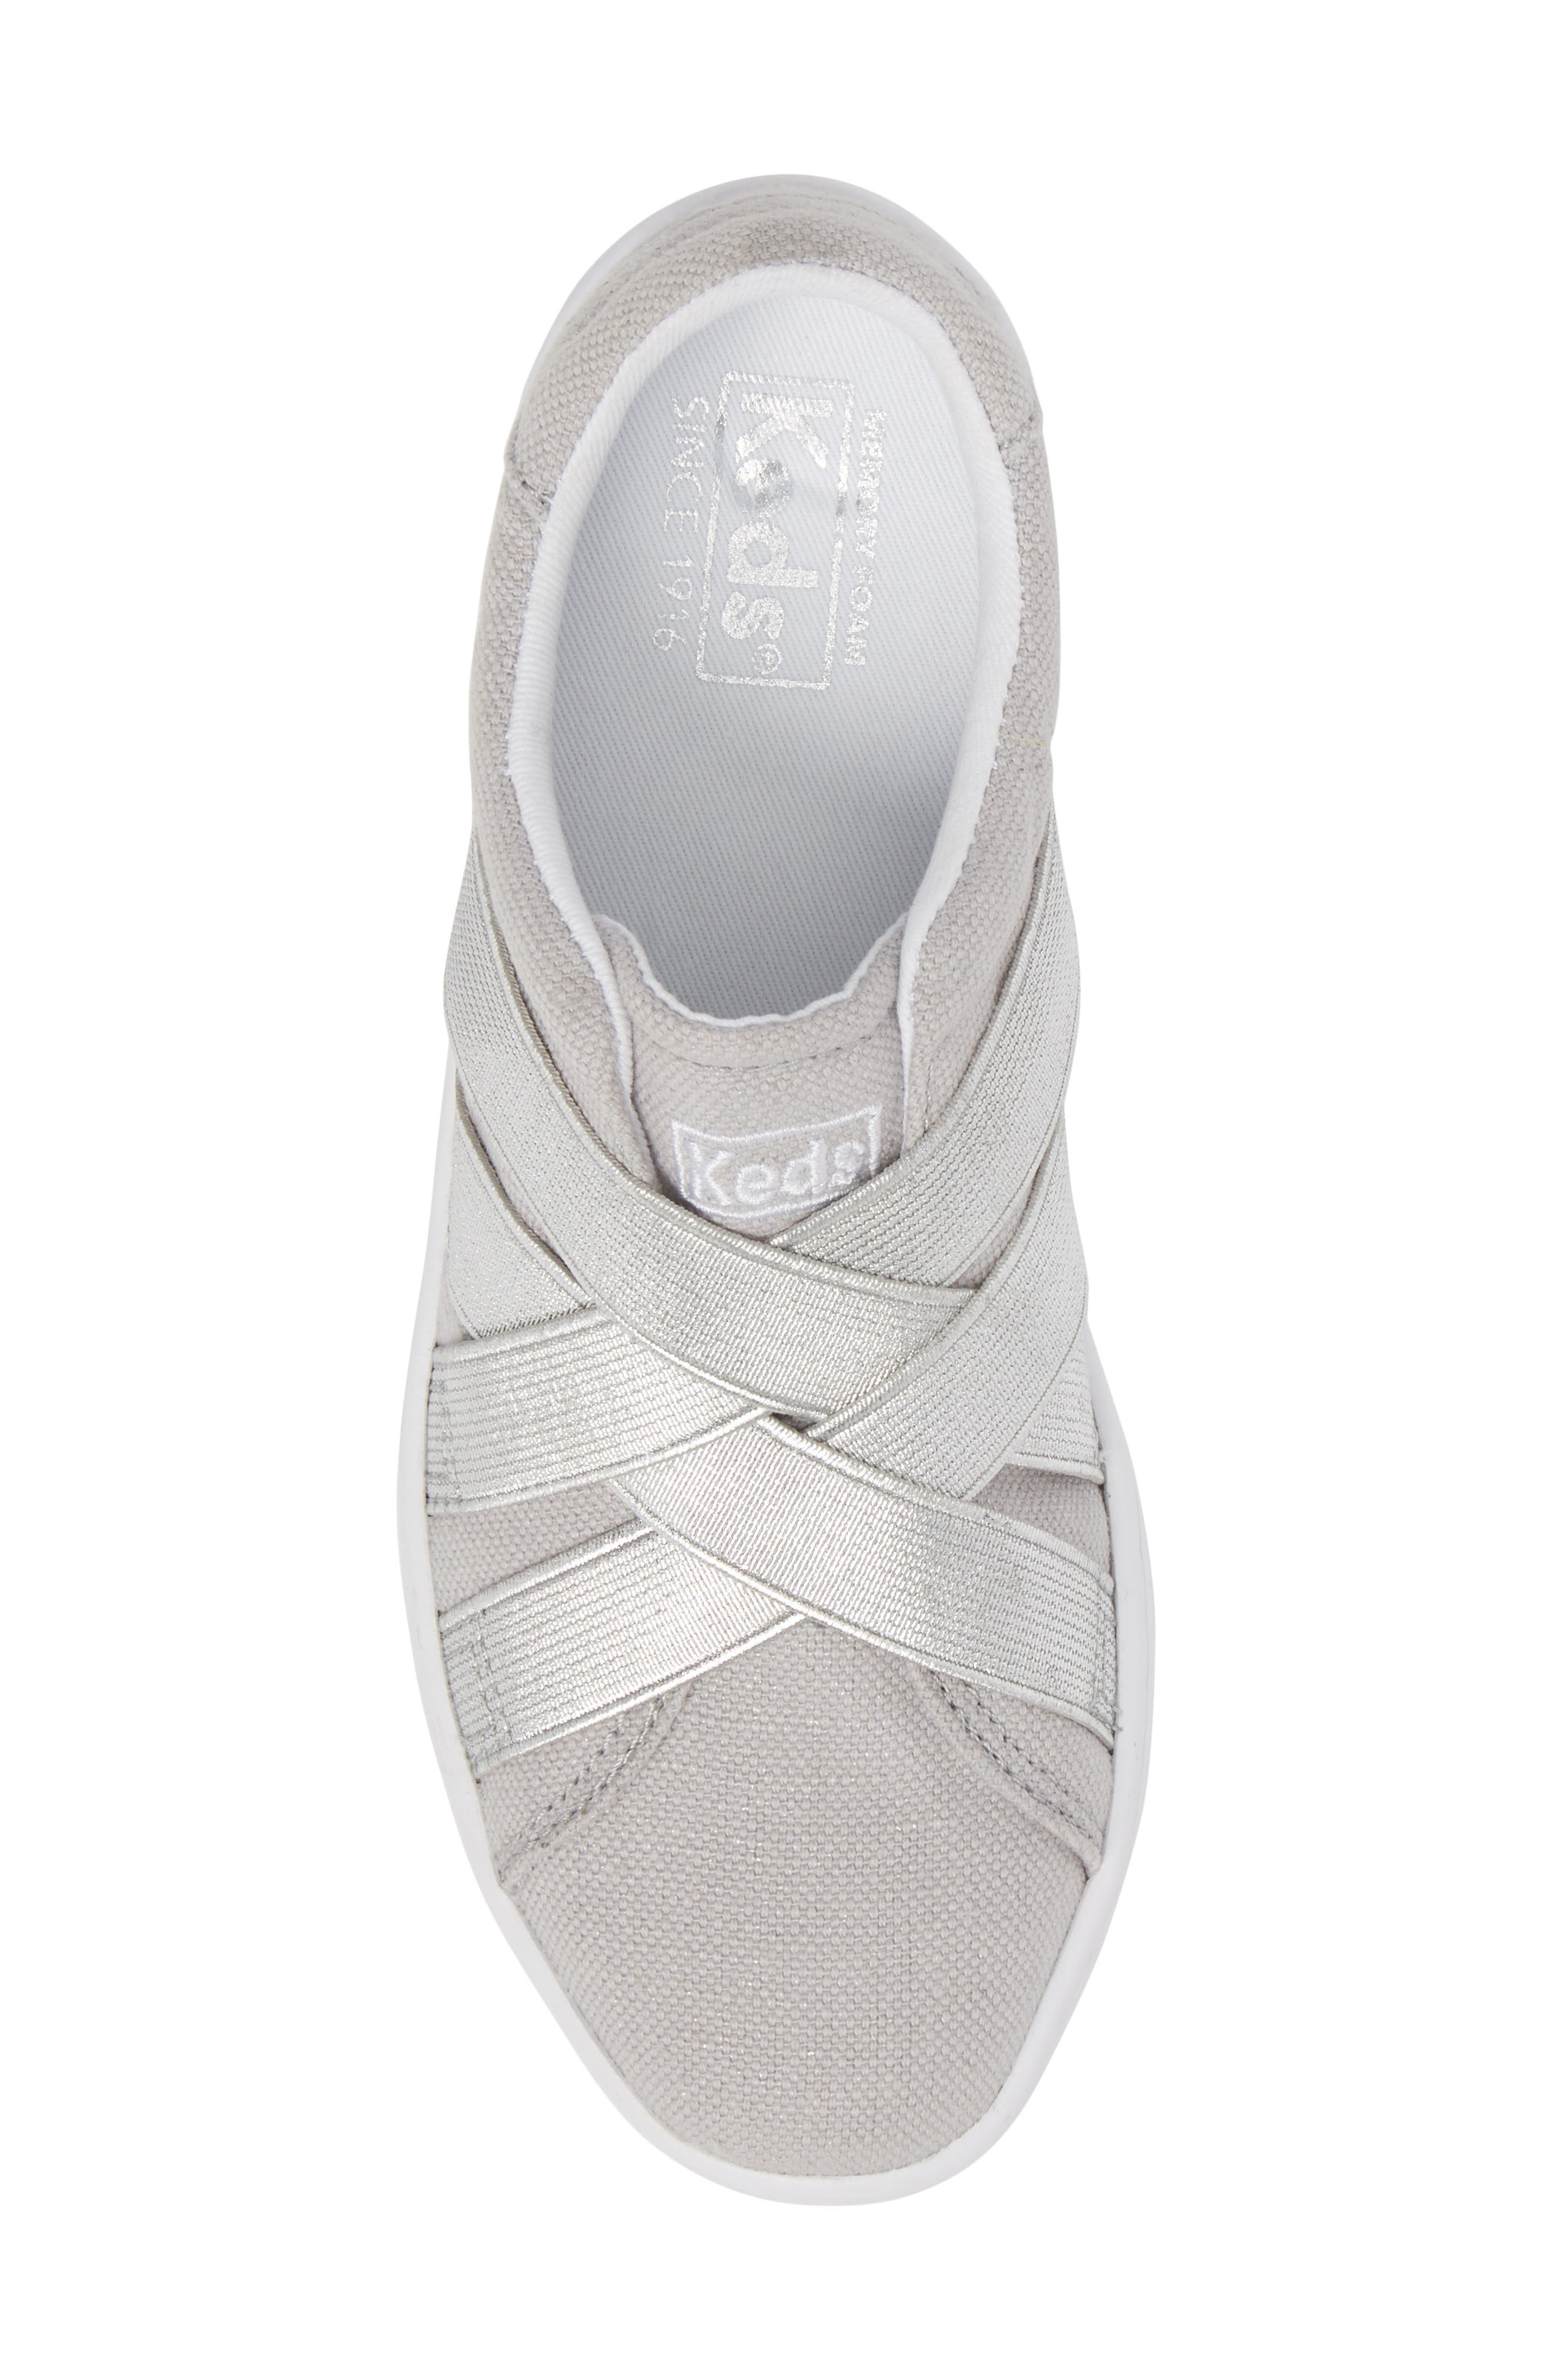 Ace Slip-on Sneaker,                             Alternate thumbnail 5, color,